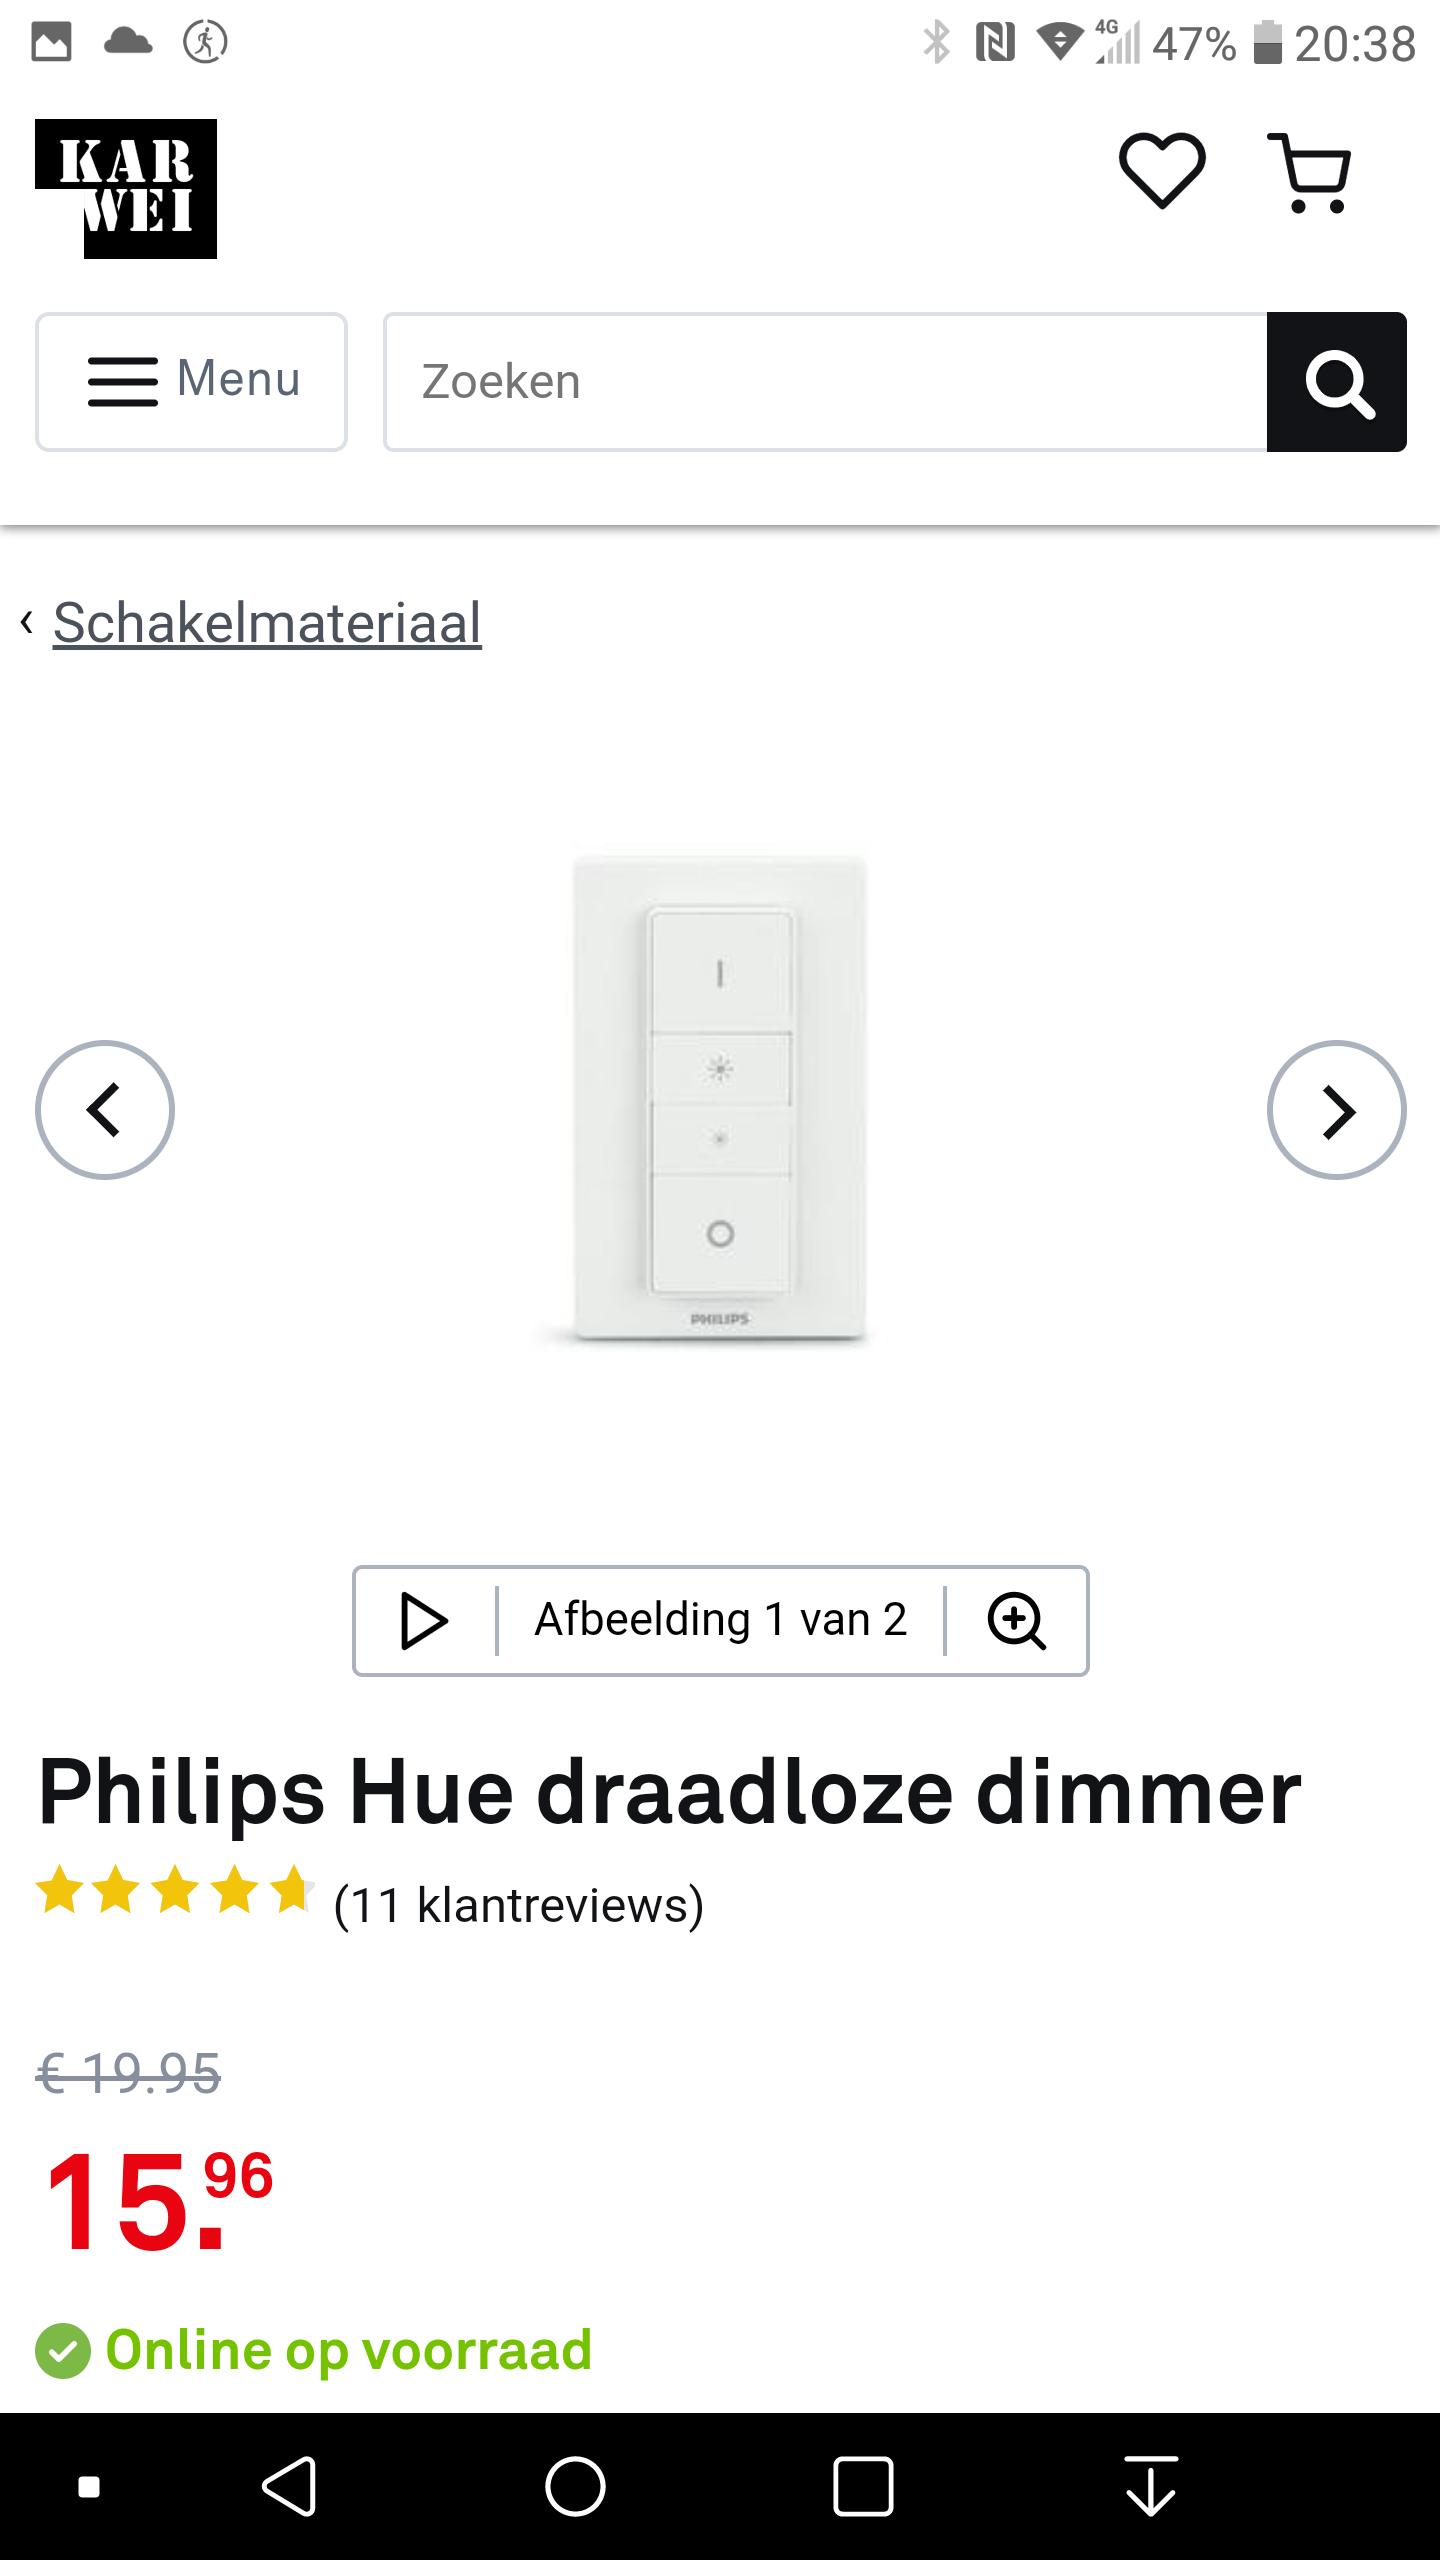 Philips Hue draadloze dimmer bij de Karwei